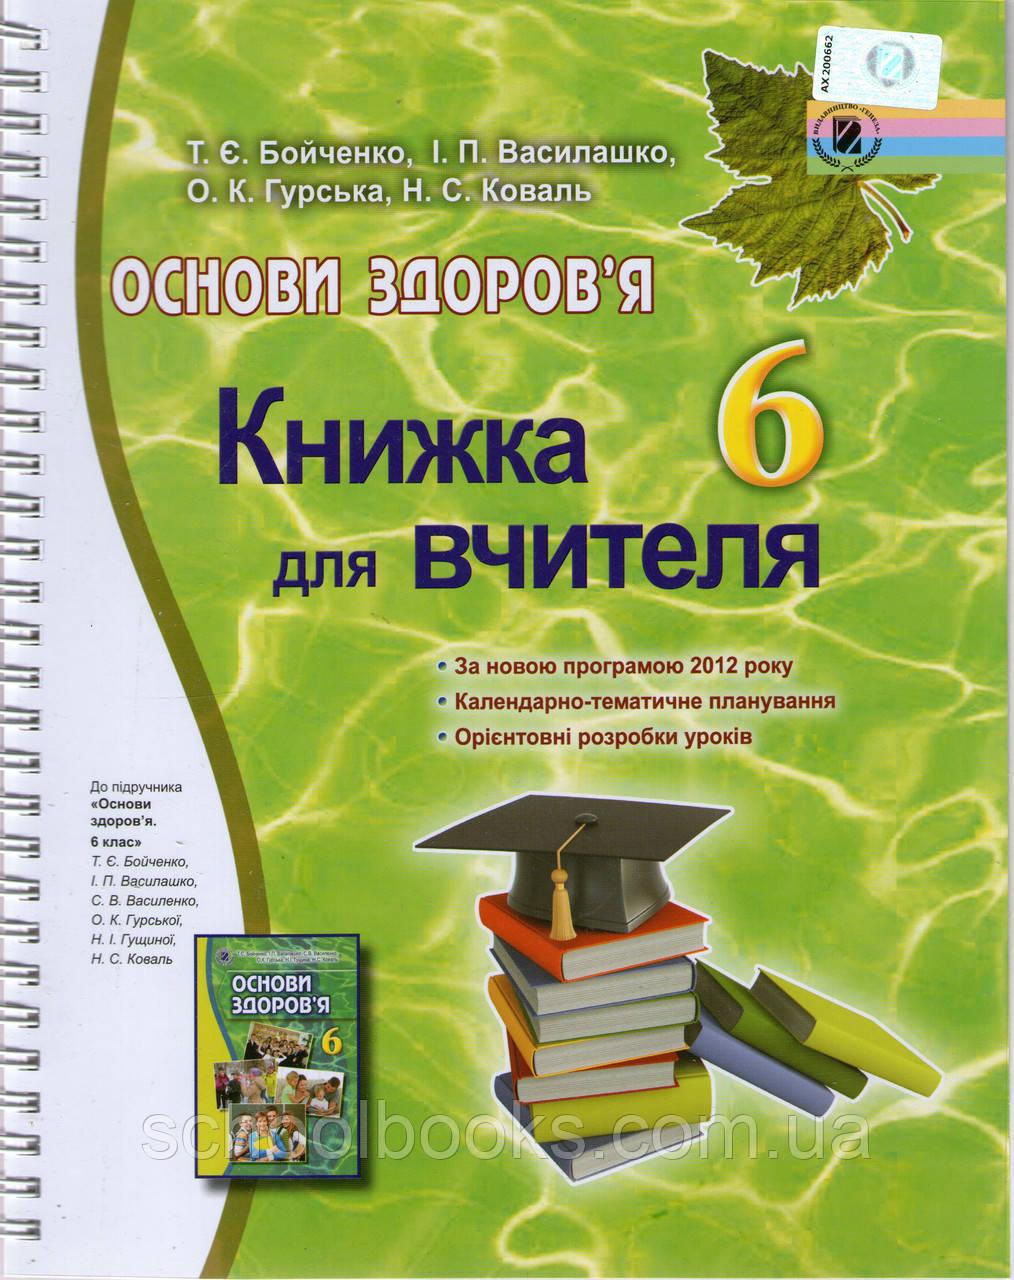 Основы здоровья 7 класс т.е бойченко и.п восилашко н.с коваль в в дывак решение практическая работа